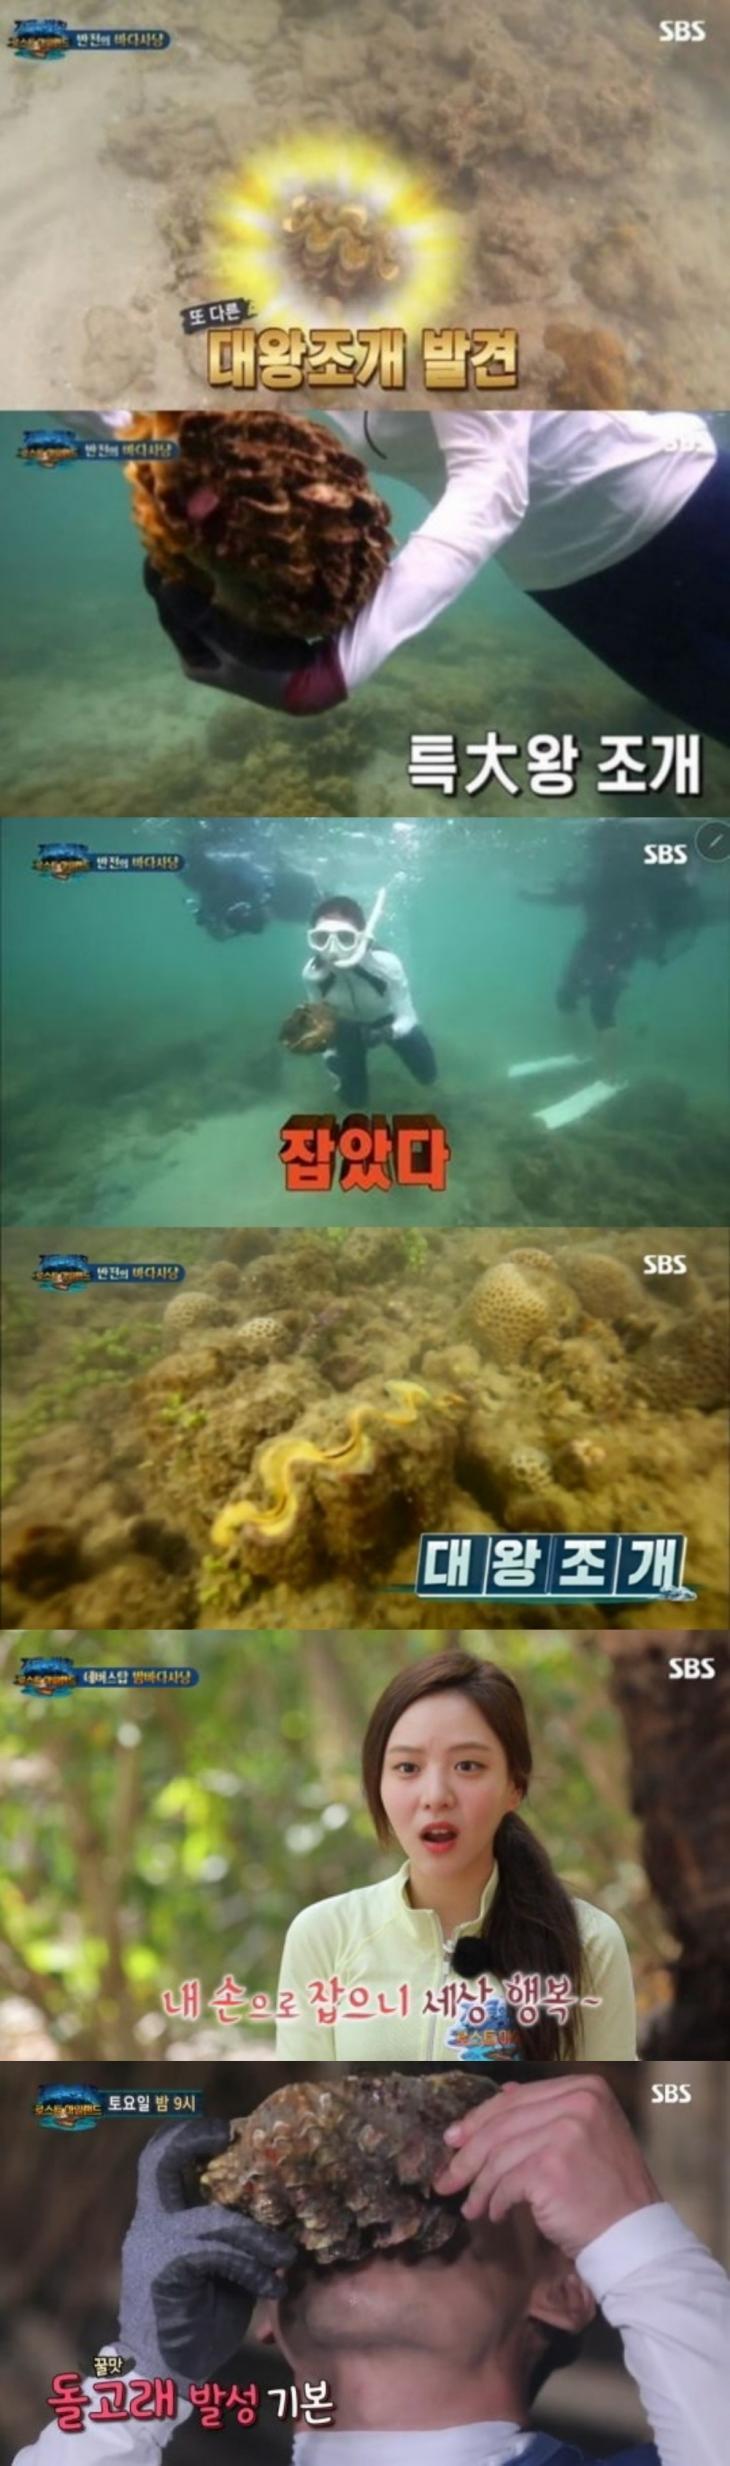 SBS '정글의 법칙 in 로스트아일랜드' 방송 캡처